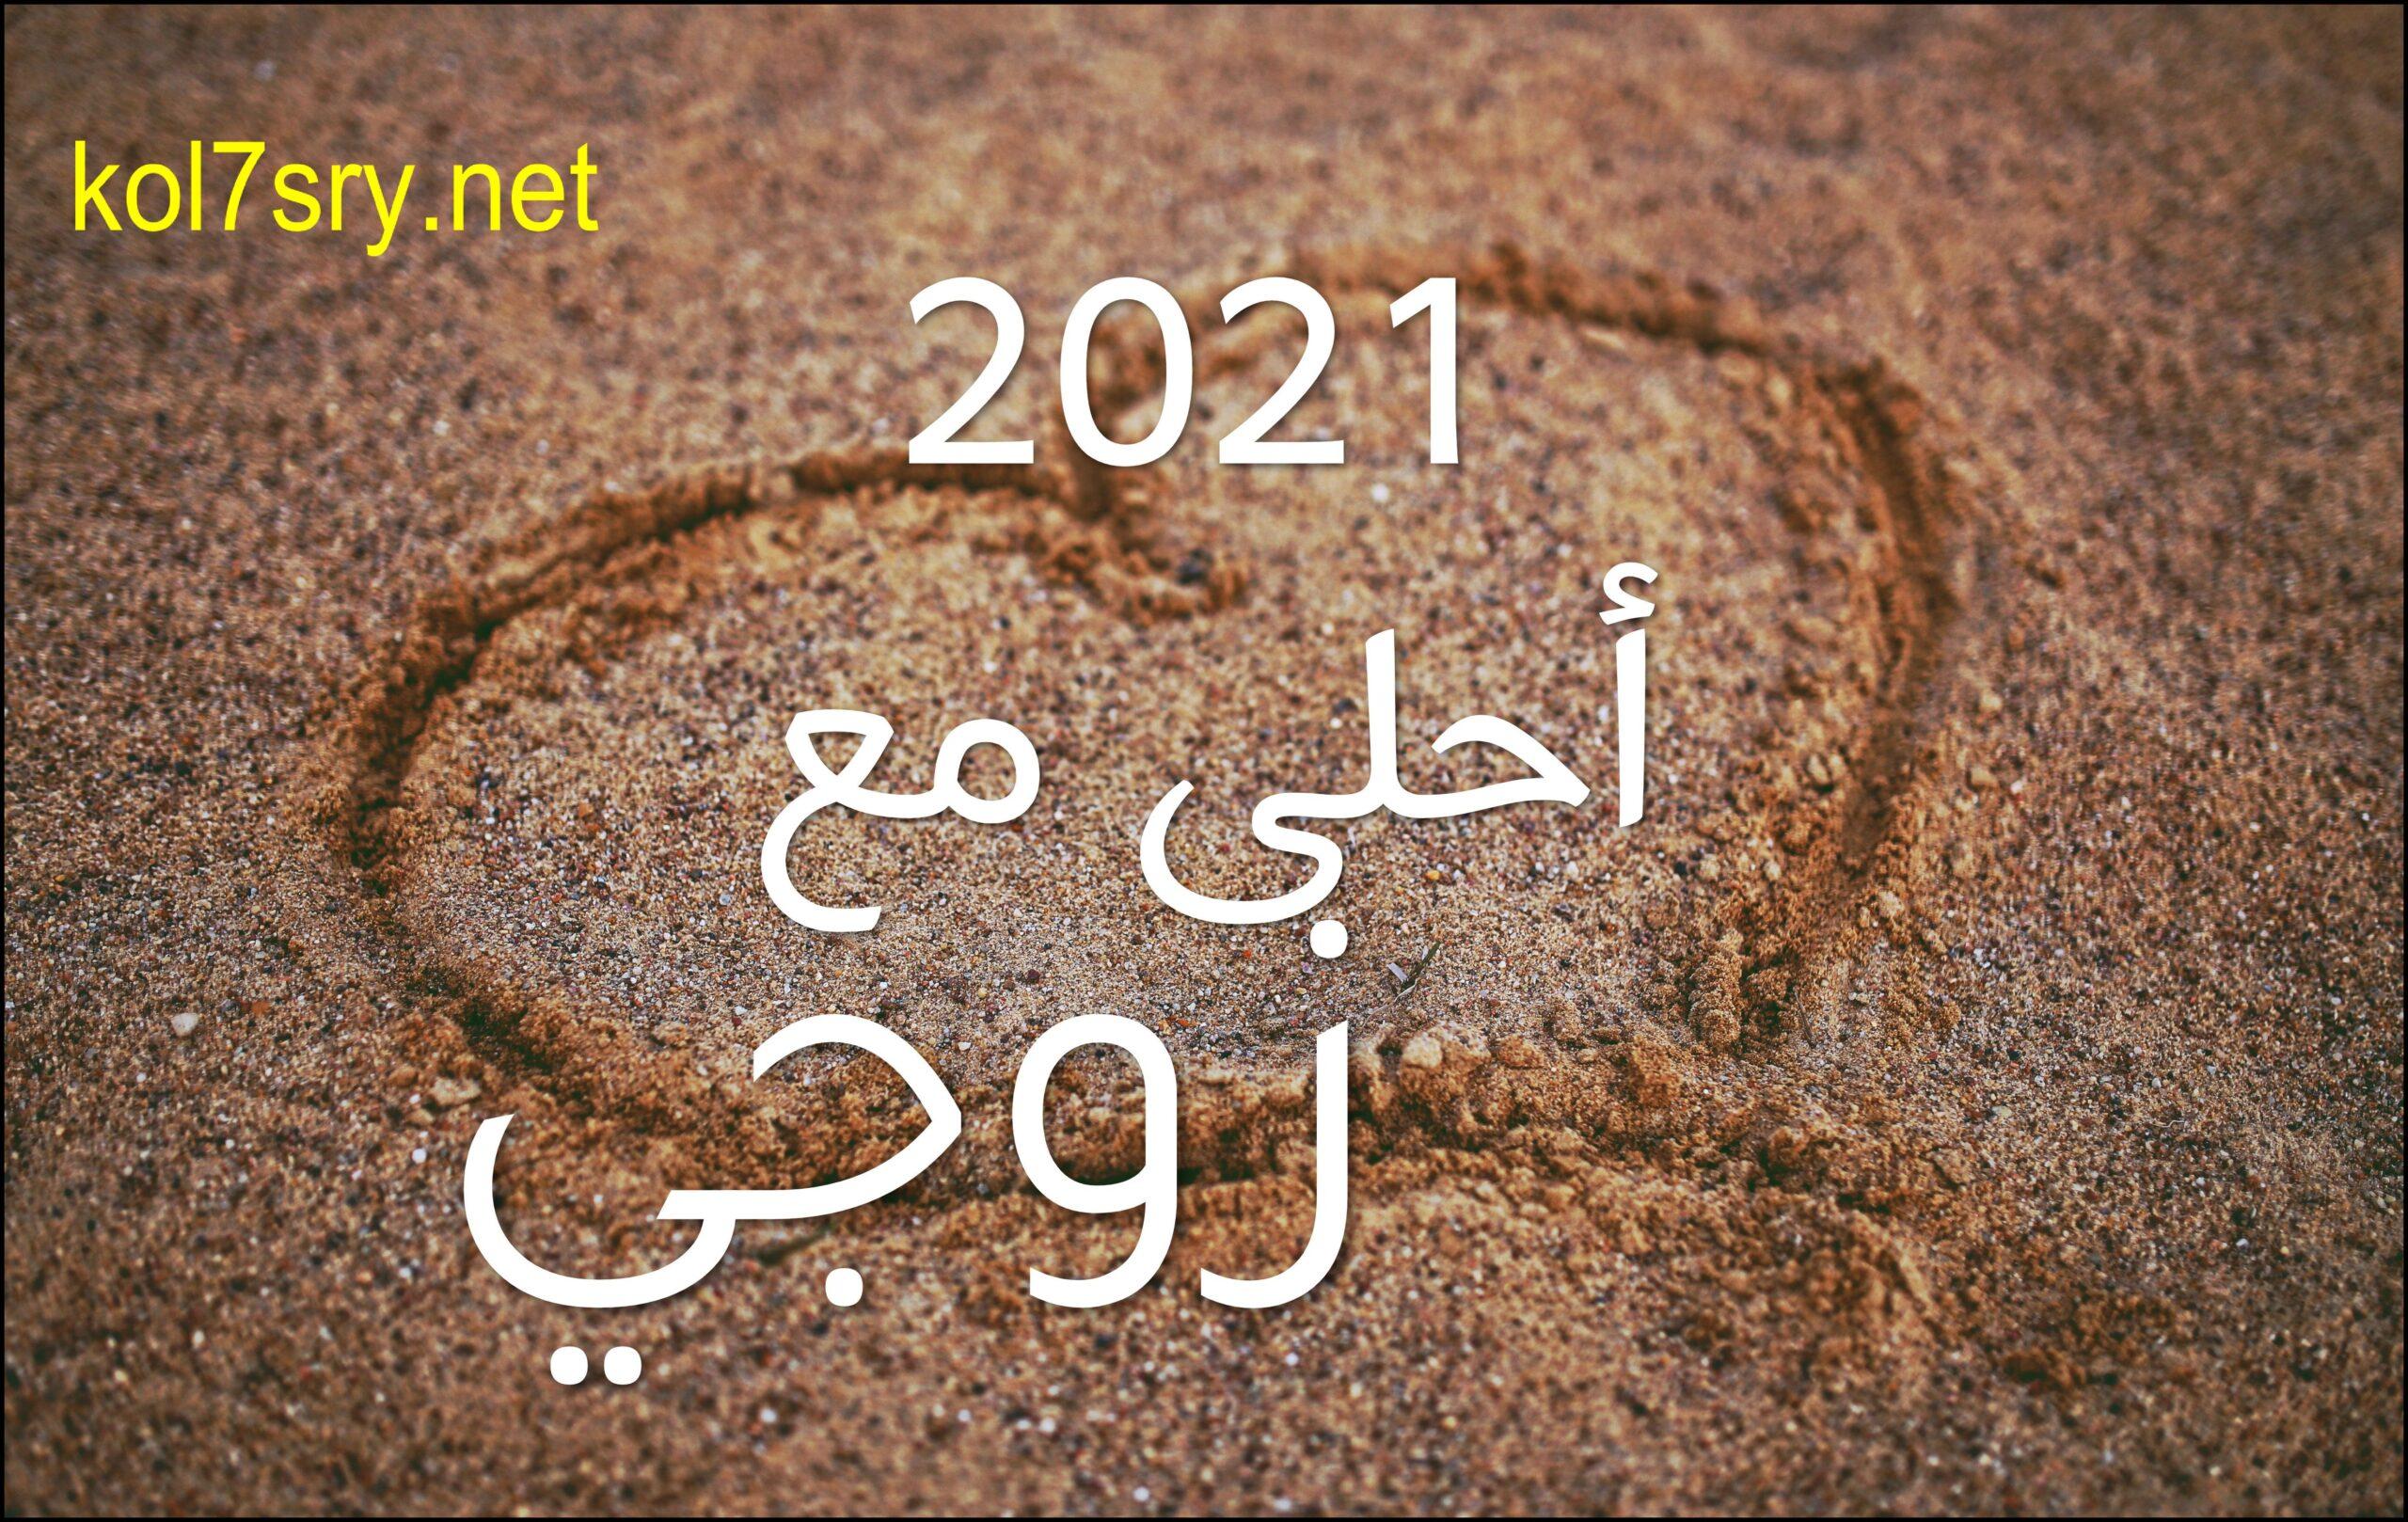 2021 أحلى مع اسمك أجمل 40 صورة HD لعام 2021 احلى مع مجانا اطلب التصميم بالتعليقات 6